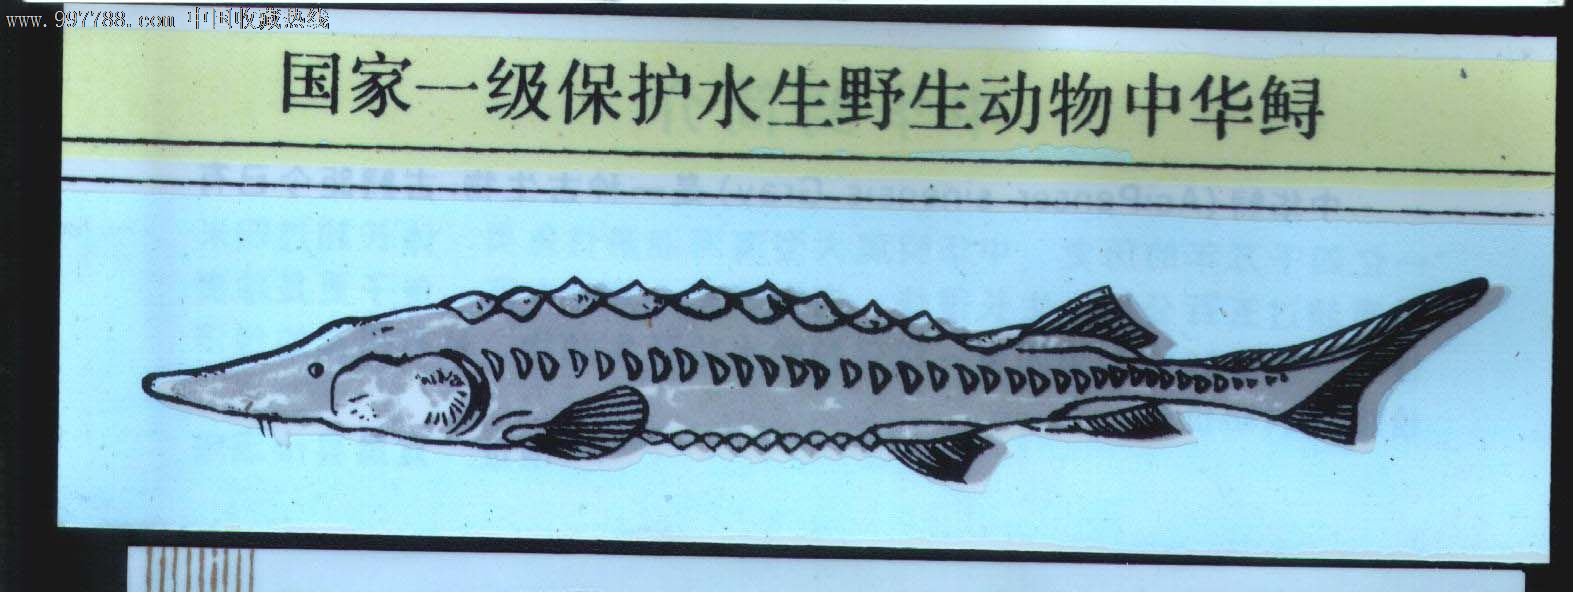 中华鲟.图片